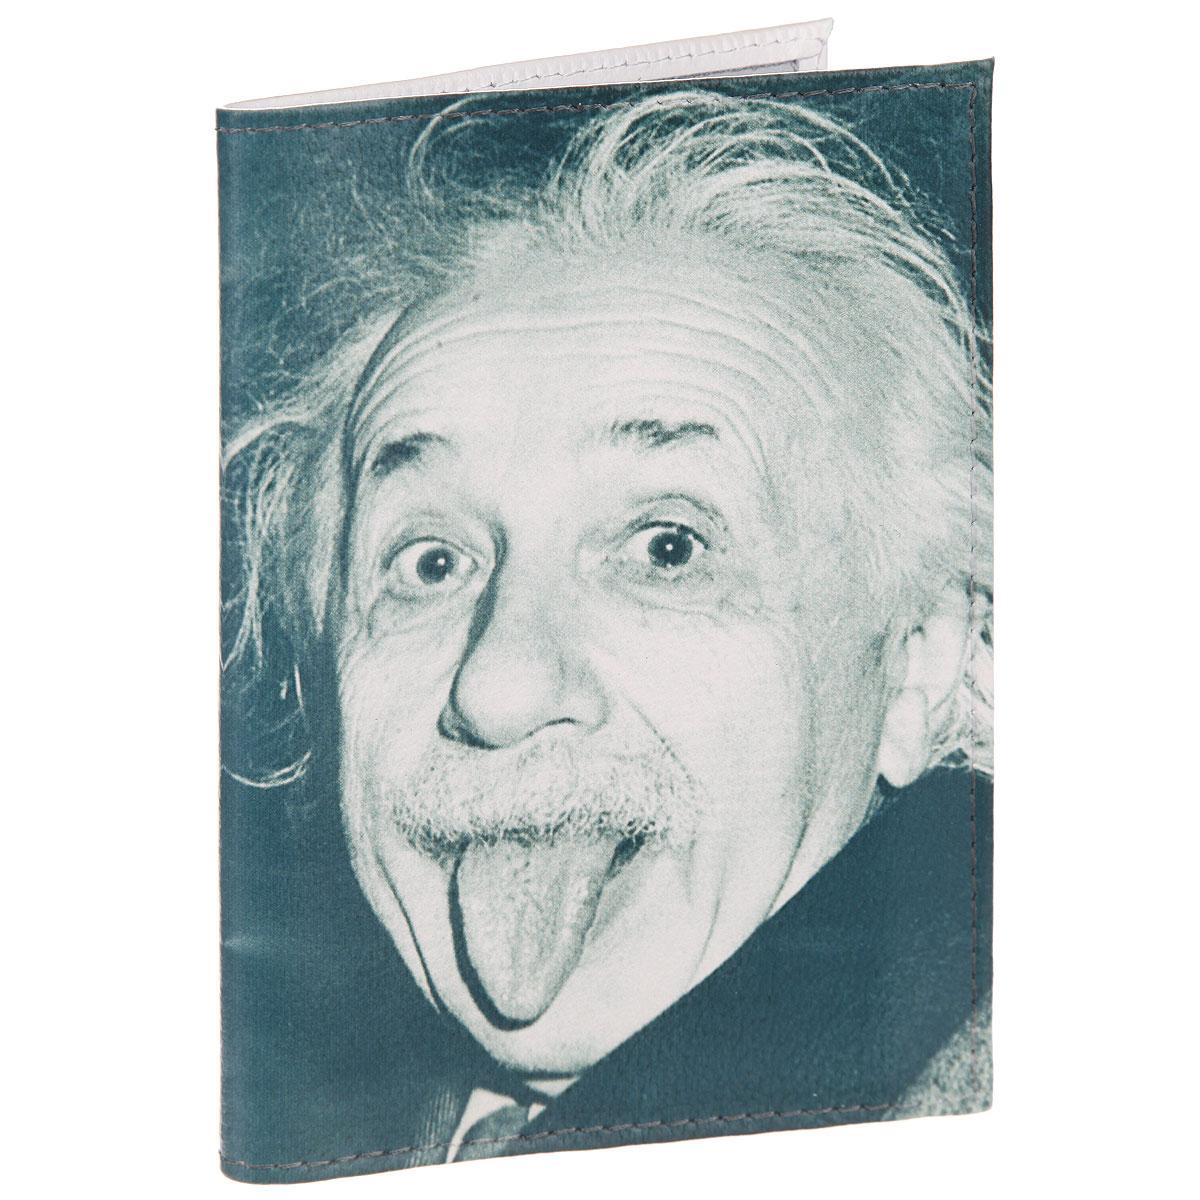 Обложка для автодокументов Эйнштейн. AUTO371Натуральная кожаСтильная обложка для автодокументов Mitya Veselkov Эйнштейн выполнена из натуральной кожи с зернистой текстурой. Обложка оформлена художественной печатью с изображением Эйнштейна. Внутри размещен пластиковый вкладыш с шестью карманами для документов, среди которых карман формата А5.Стильная обложка для автодокументовMitya Veselkov Эйнштейн не только поможет сохранить внешний вид ваших документов и защитит их от повреждений, но и станет стильным аксессуаром, идеально подходящим к вашему образу.